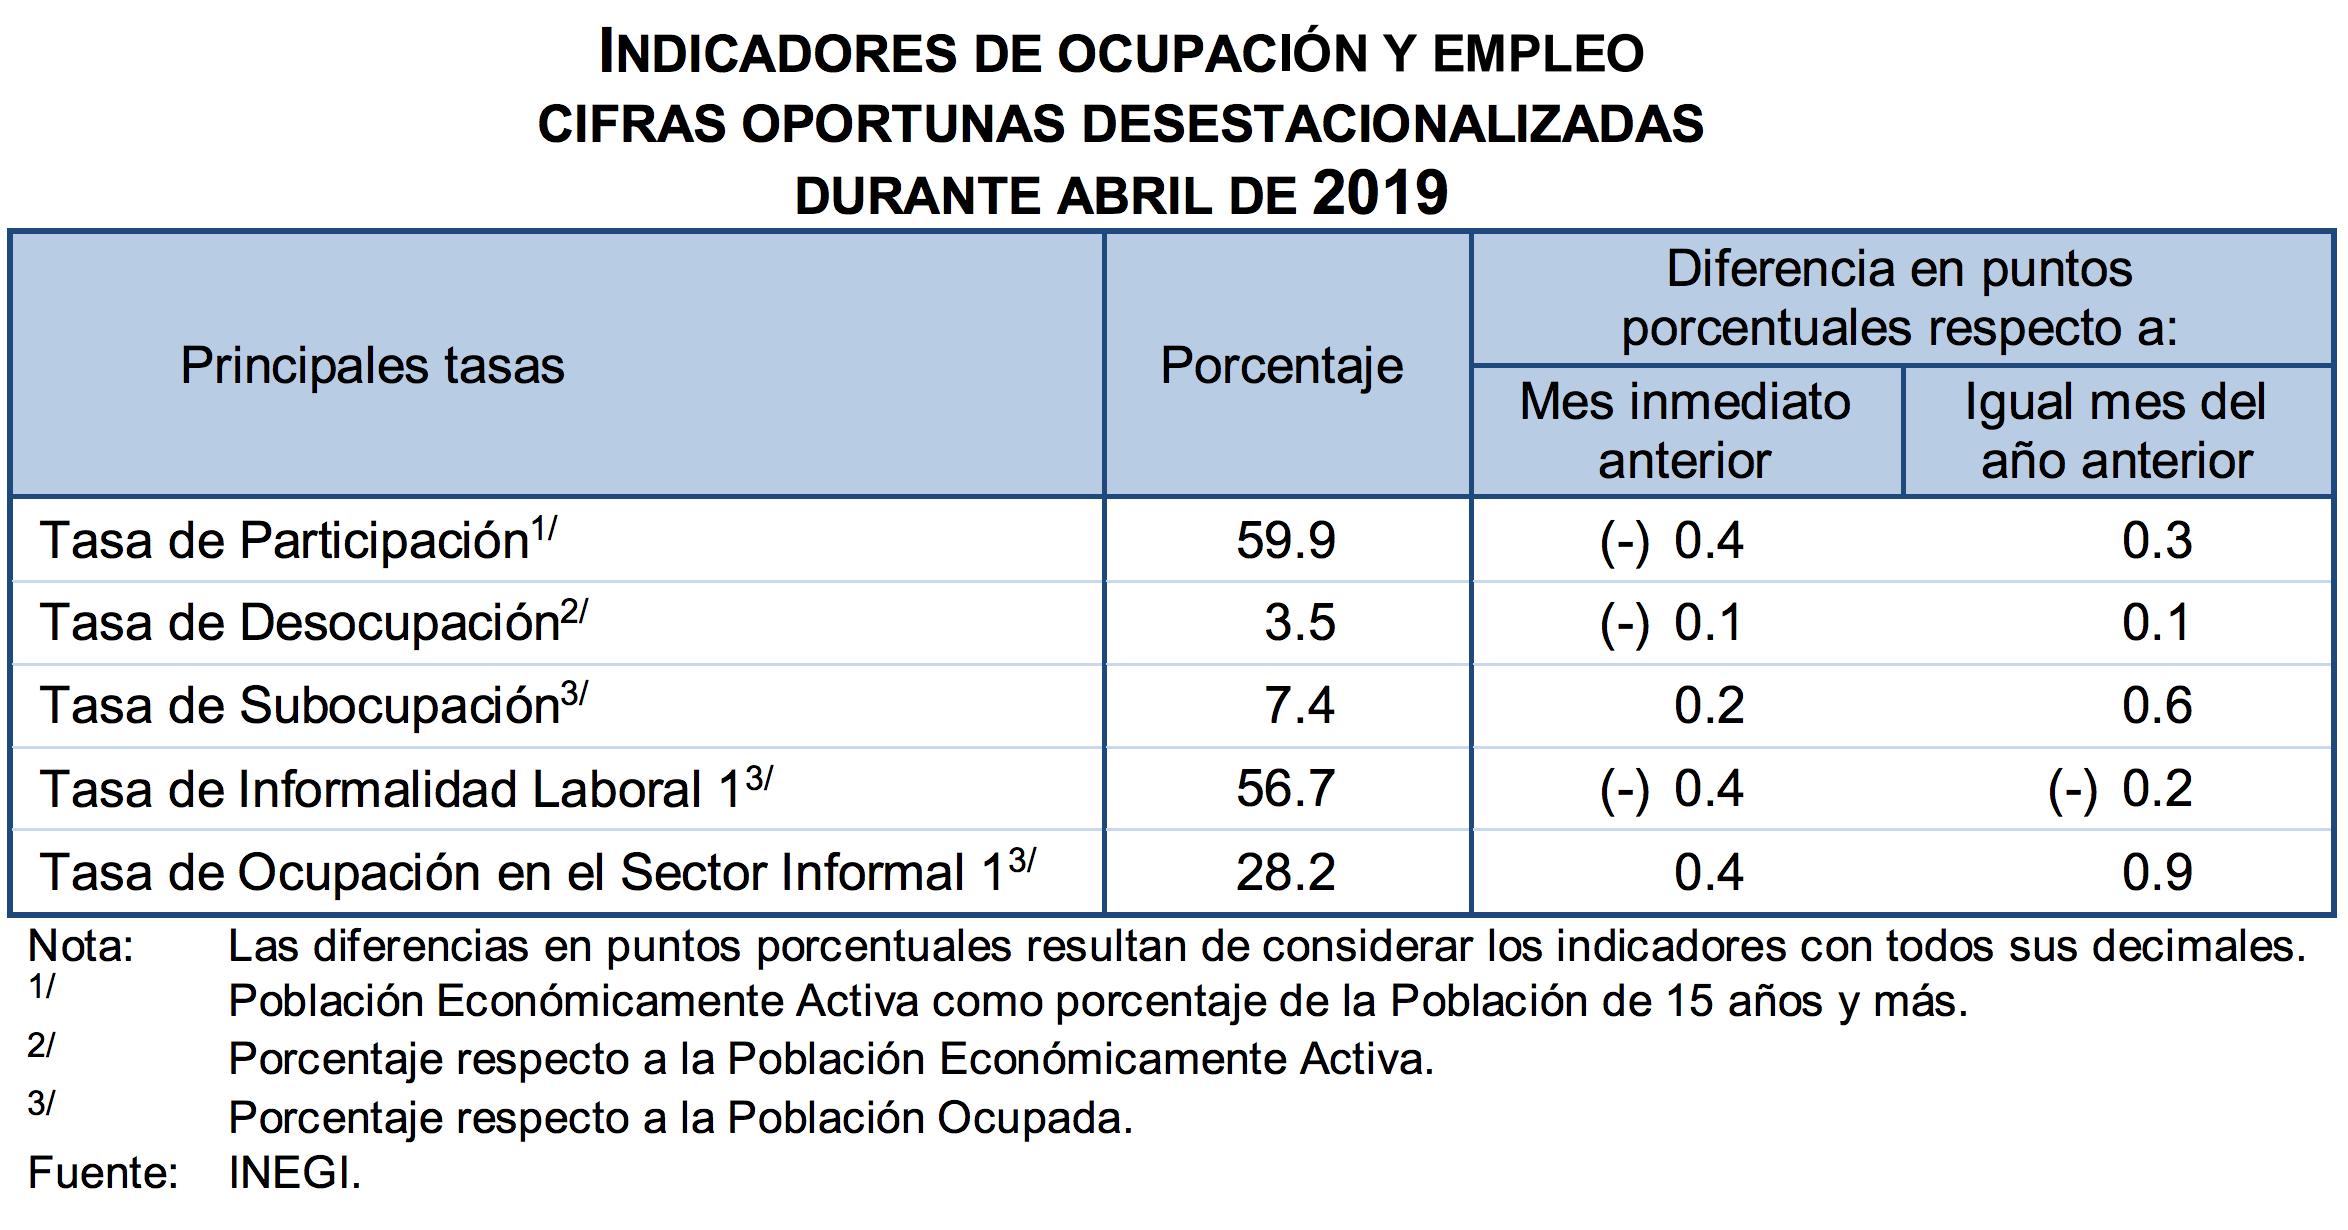 Los indicadores de Ocupación y Empleo. Datos de INEGI.